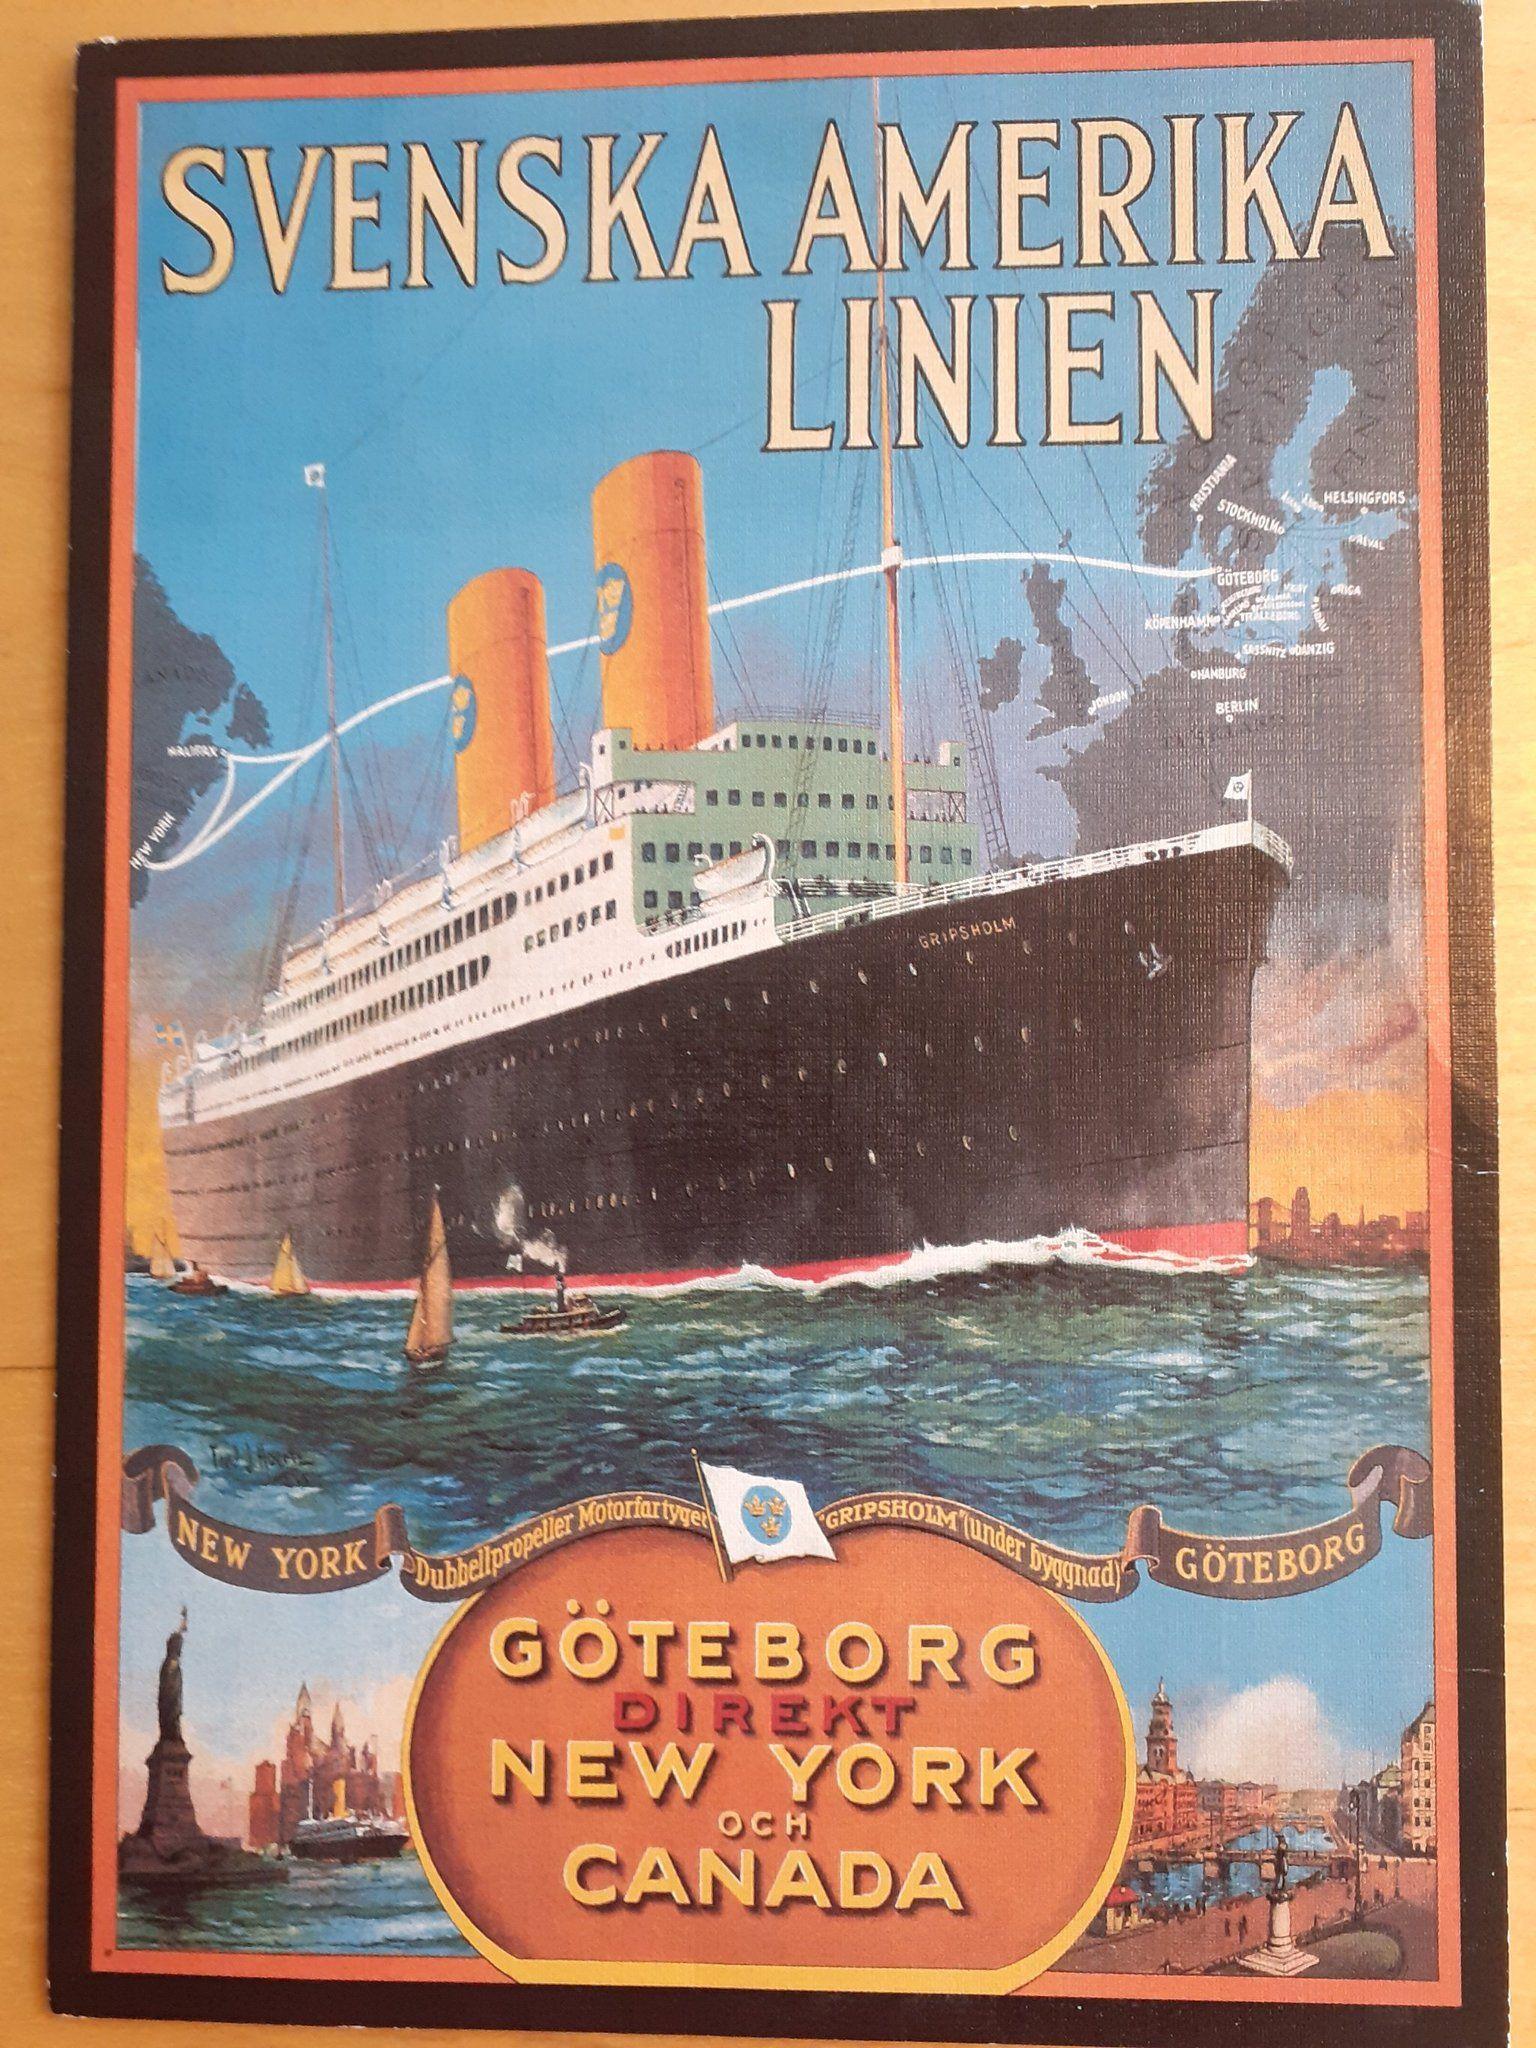 Svenska Amerika Linjen 389907541 ᐈ Kop Pa Tradera Vykort Bilder Fartyg